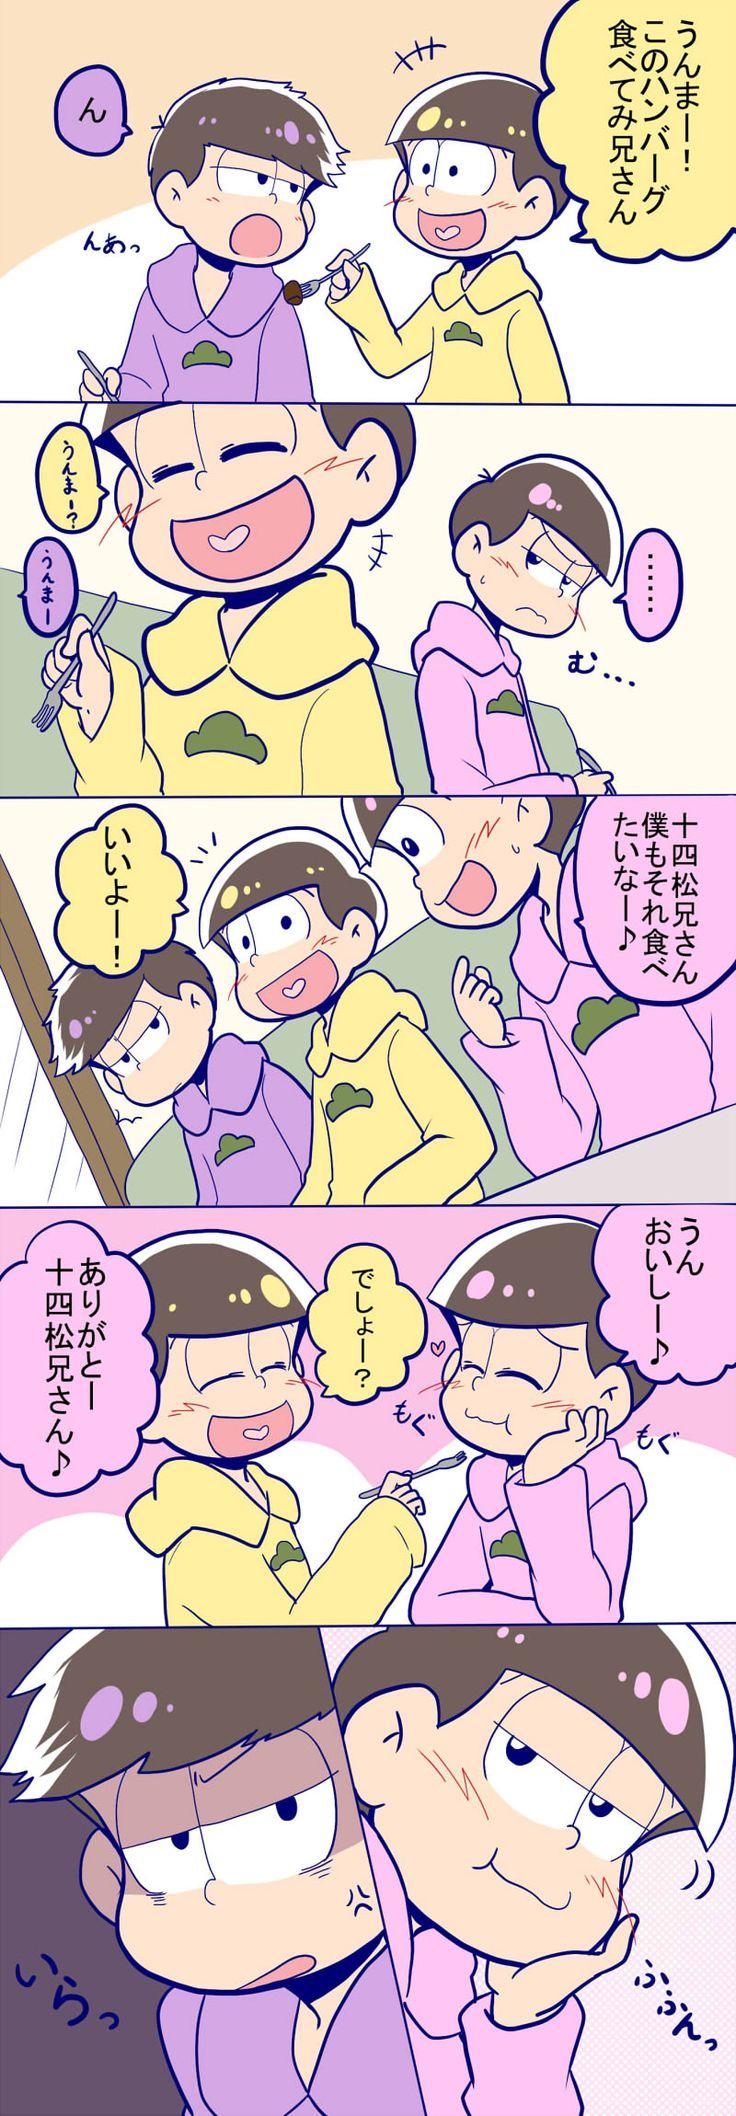 おそ松さん Osomatsu-san「松まとめ2」/「ぴこまる」の漫画 [pixiv] No.1